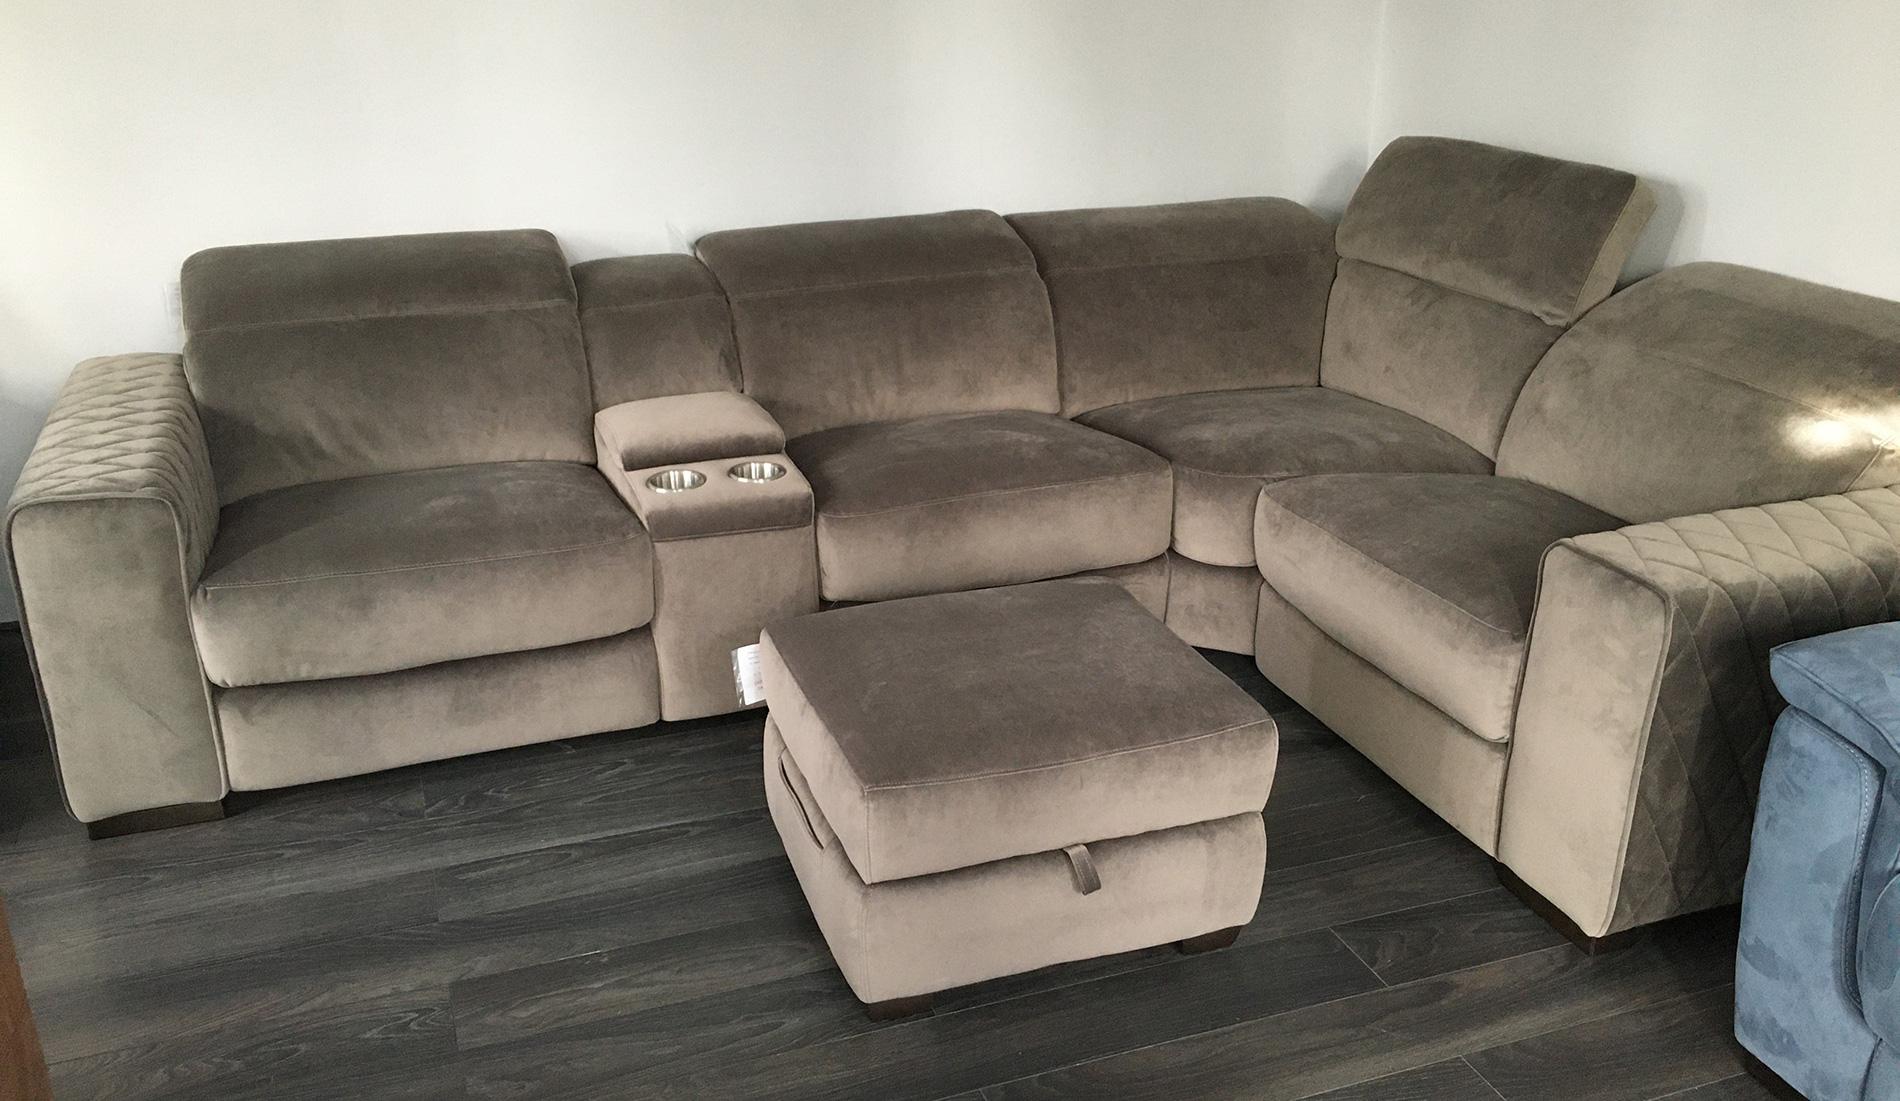 Frontrow™ Classic Corner Suite